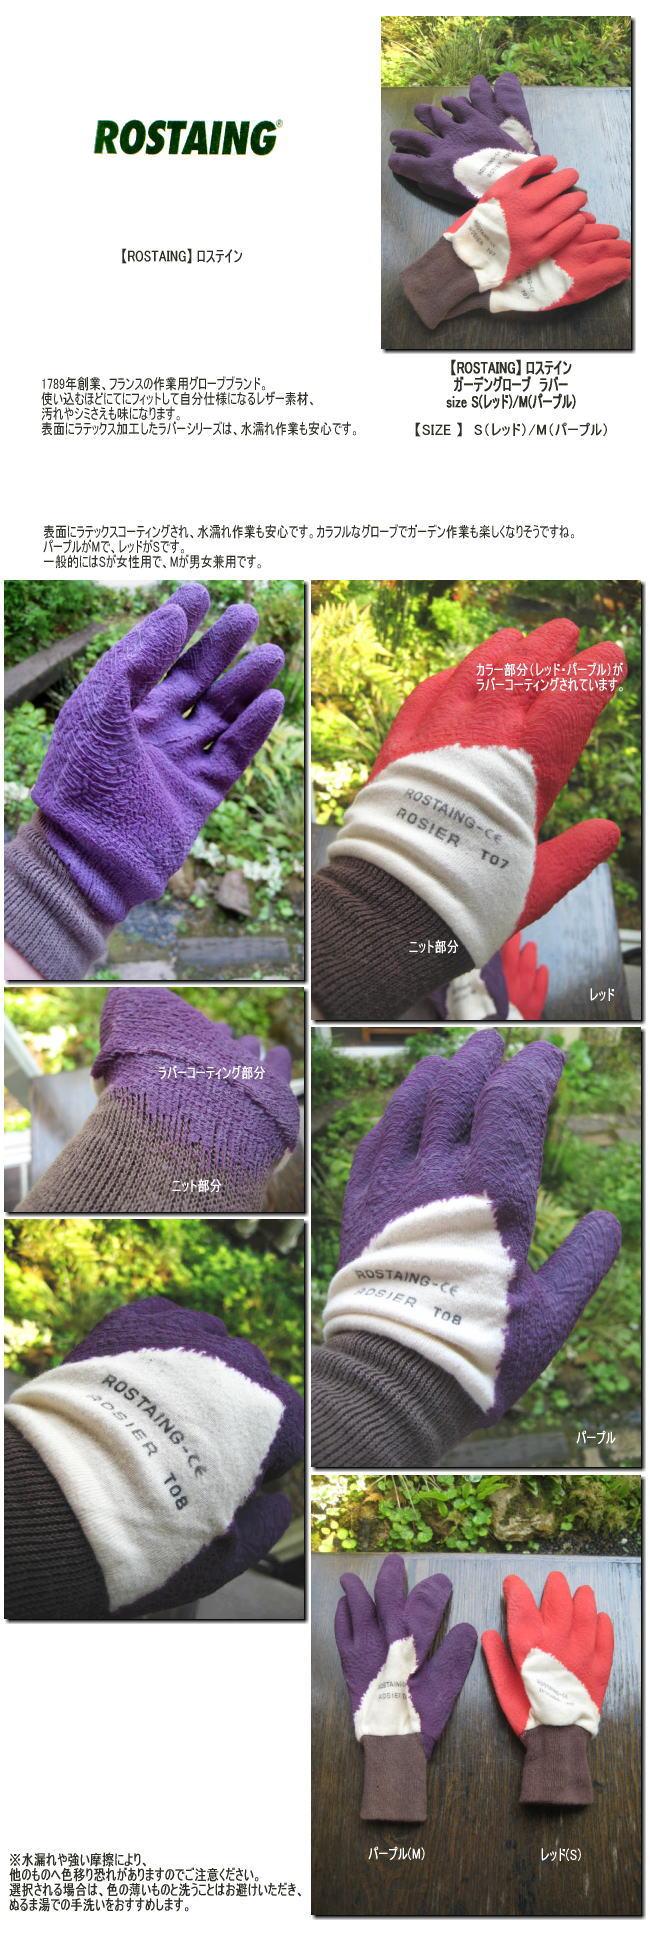 【ROSTAING】 ロステイン ガーデングローブ ラバー size S(レッド)/M(パープル)